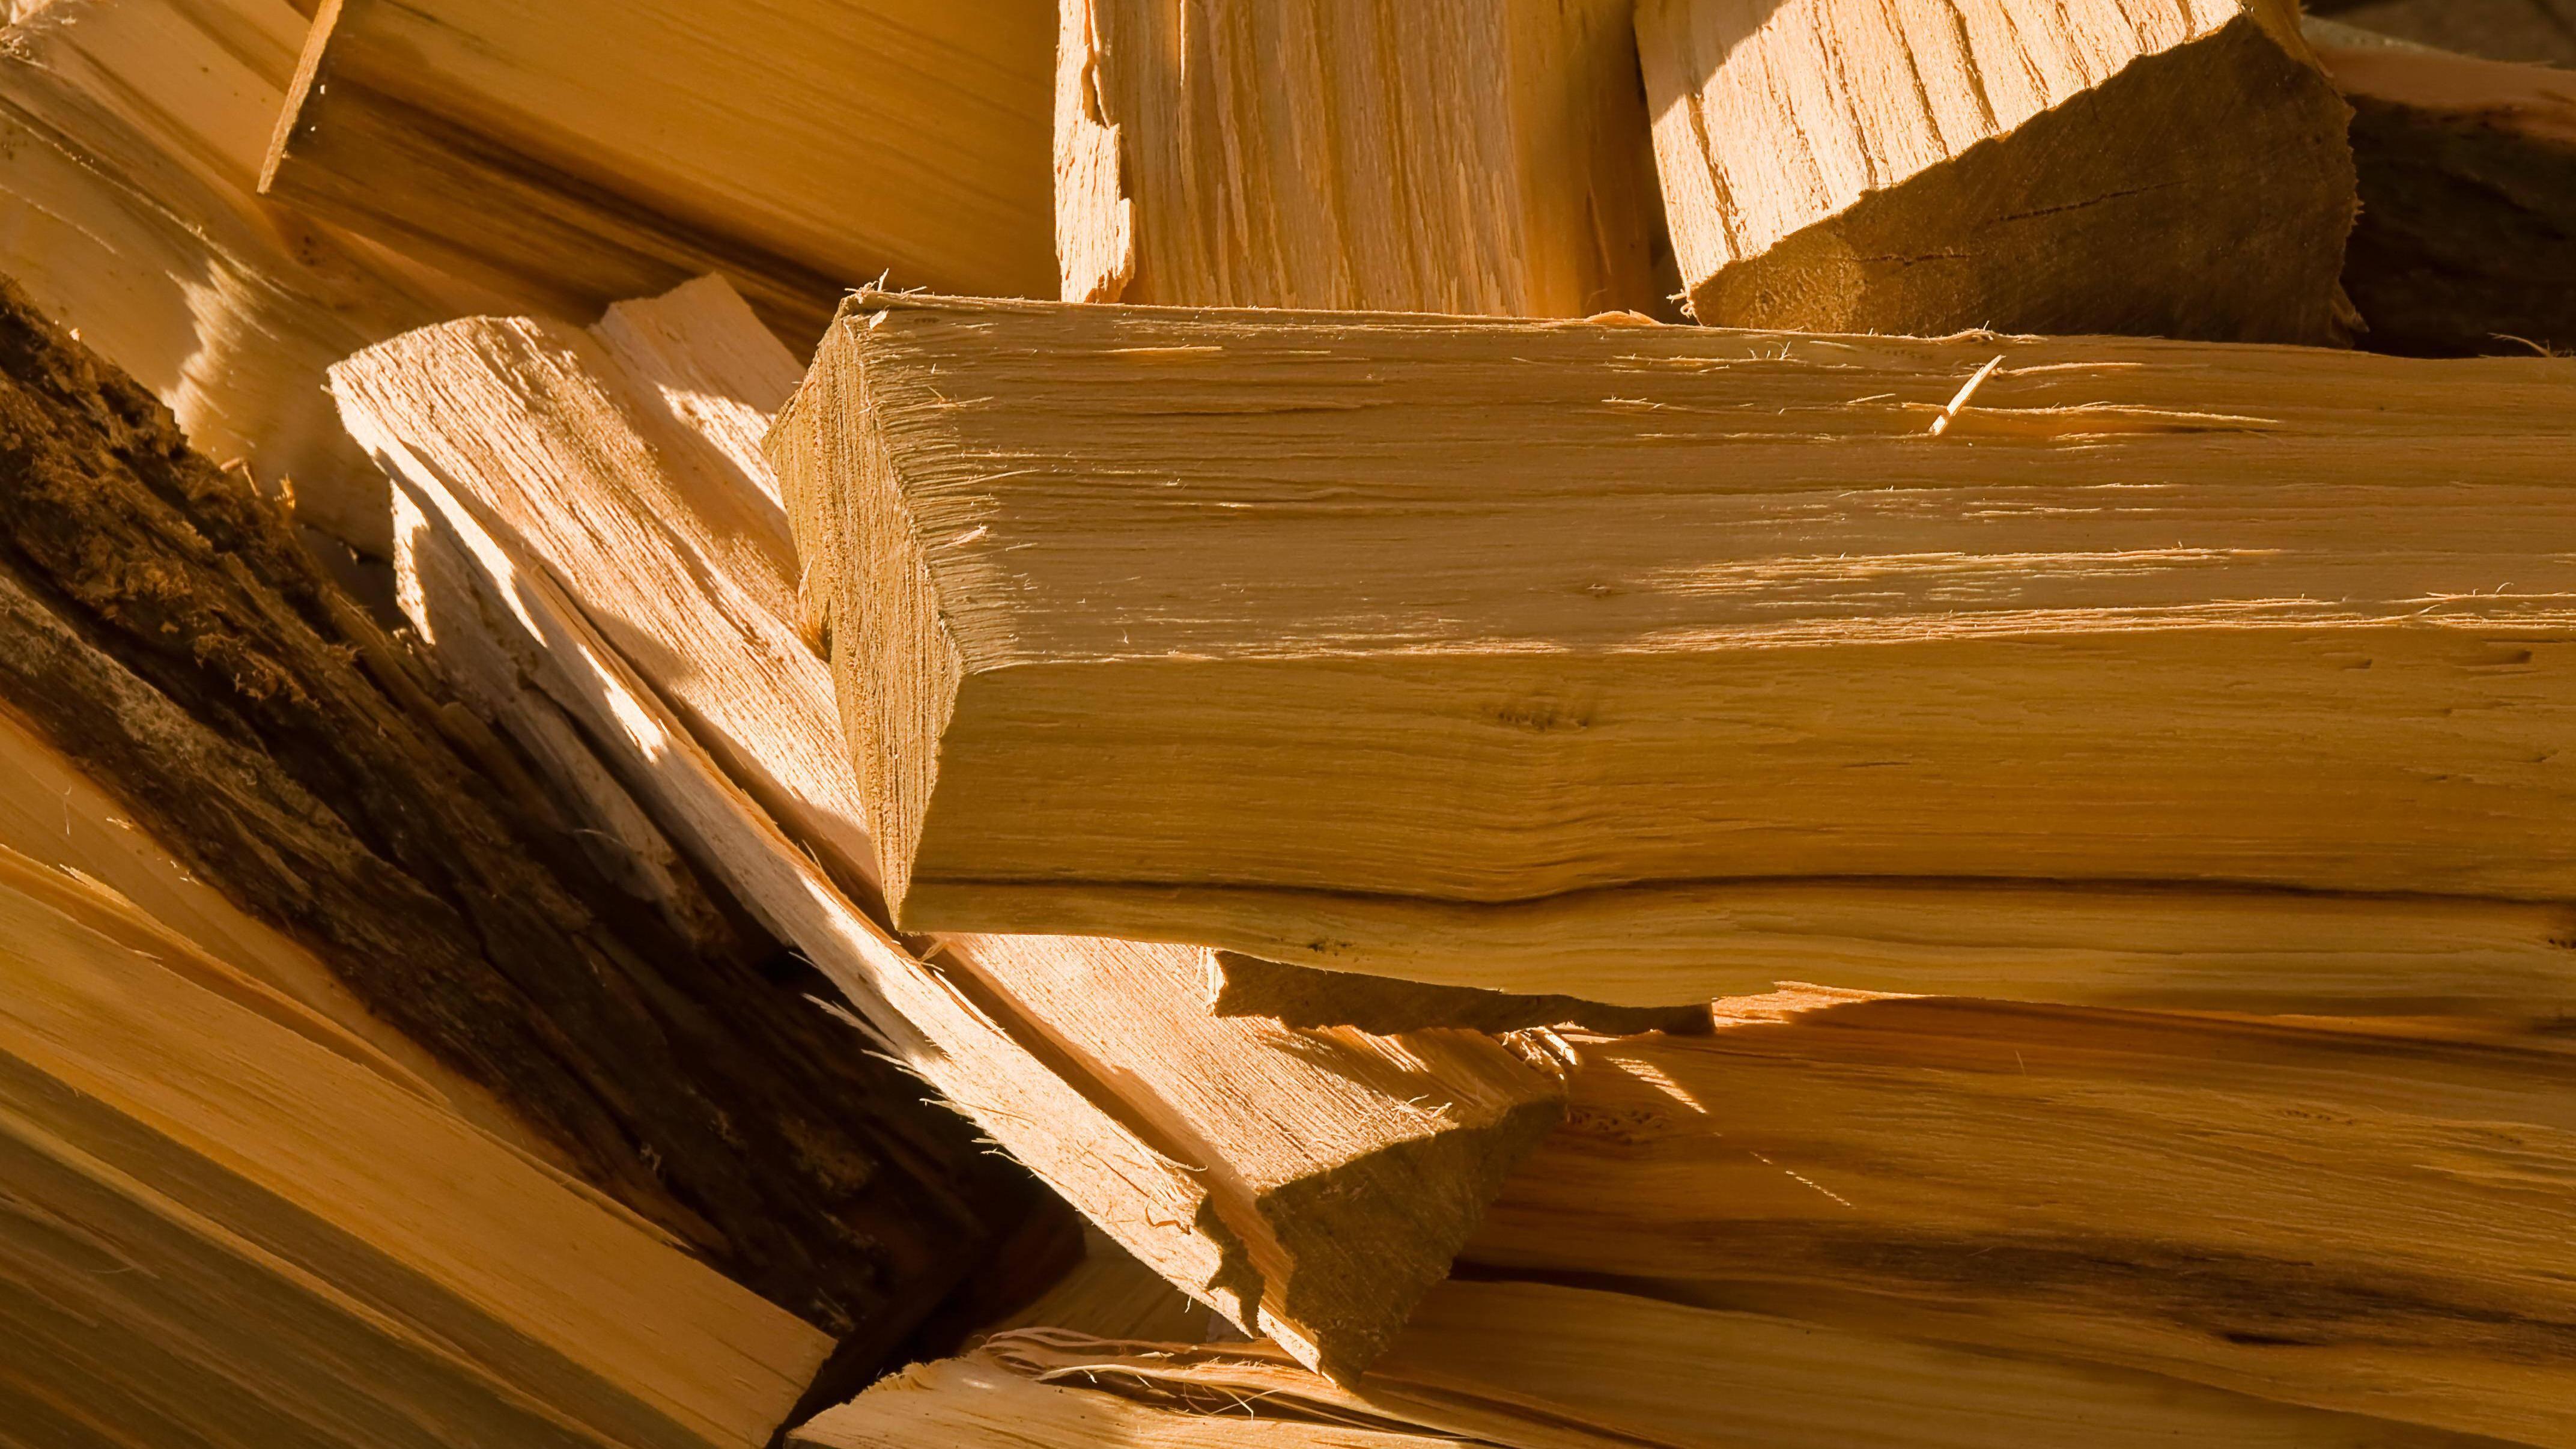 Feuerholz lagern: So schaffen Sie ideale Bedingungen